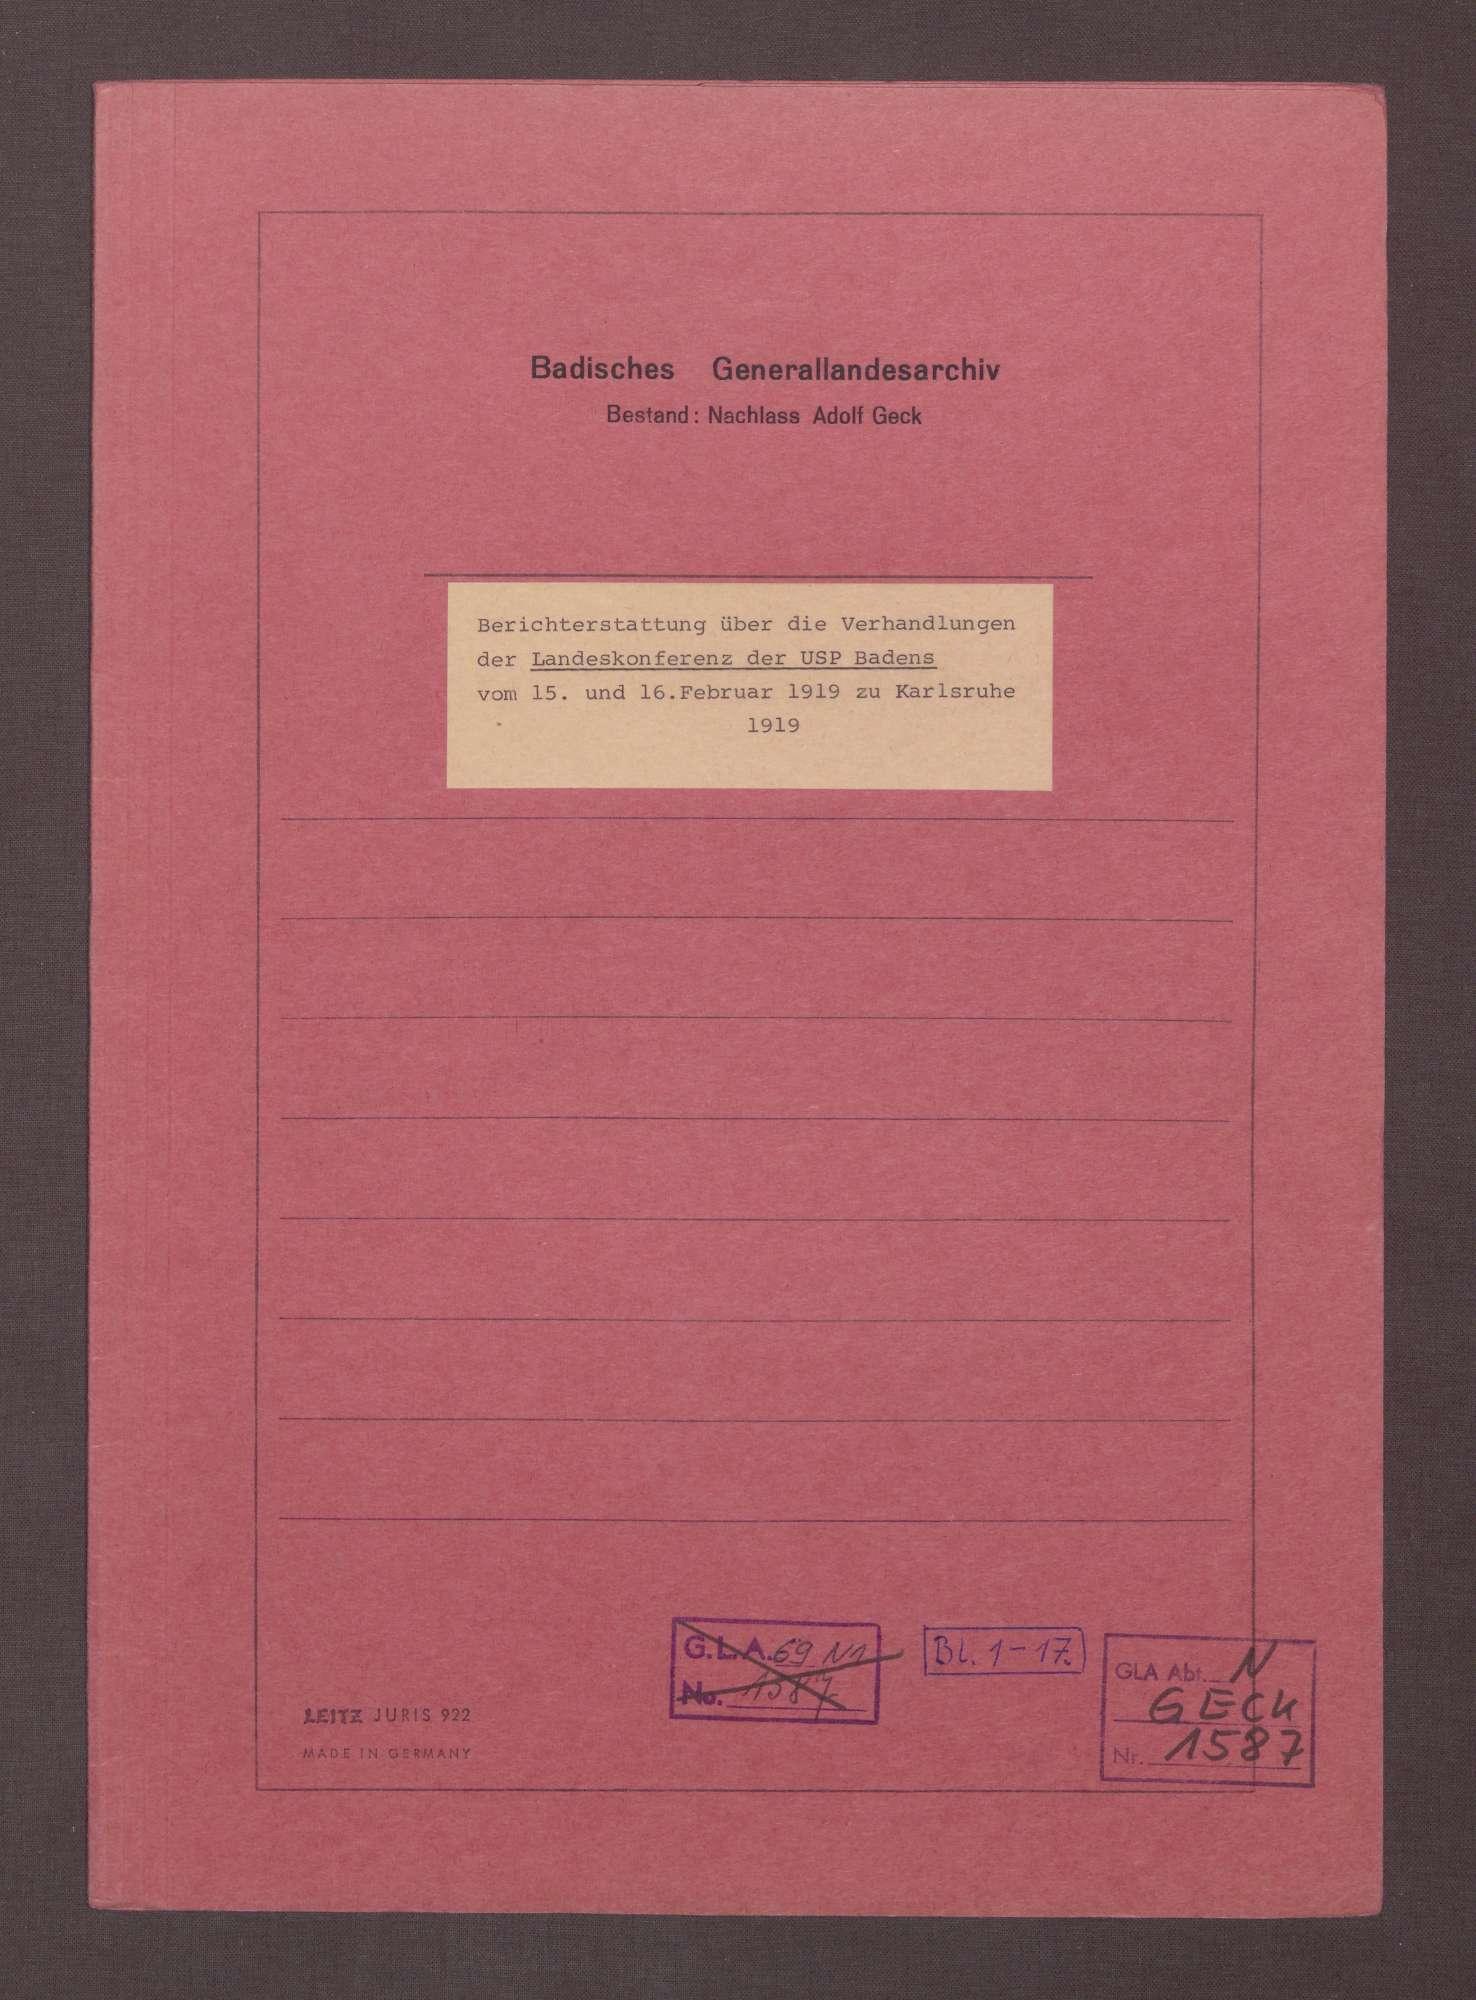 Landeskonferenz der USPD Badens vom 15. bis zum 16. Februar 1919 zu Karlsruhe, Bild 1